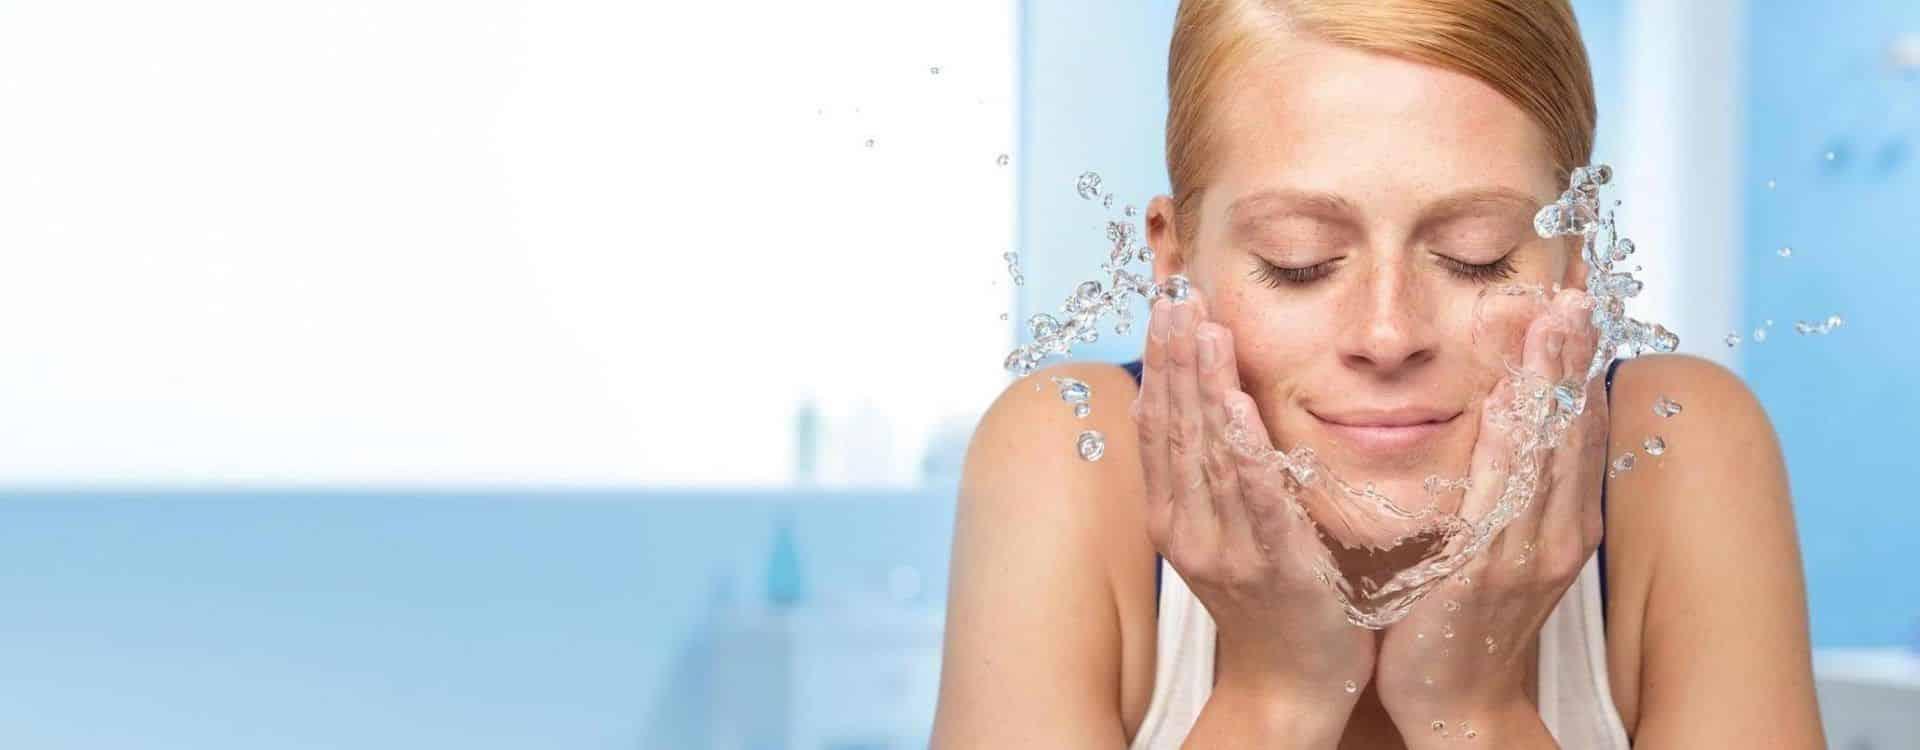 Rotina de beleza: limpeza de pele